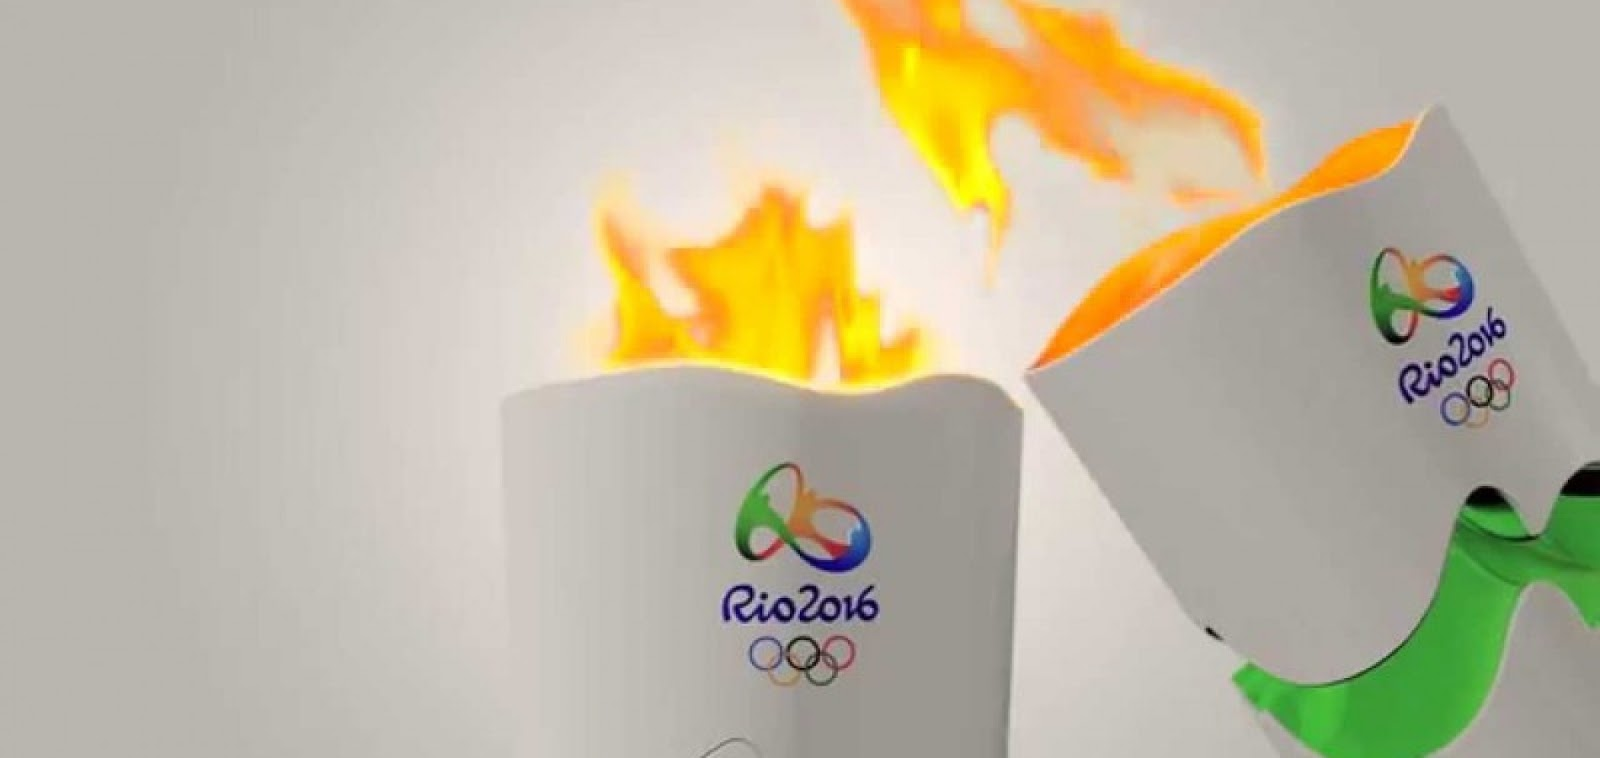 Governo planeja roteiro da Tocha Olímpica em cidades do Piauí